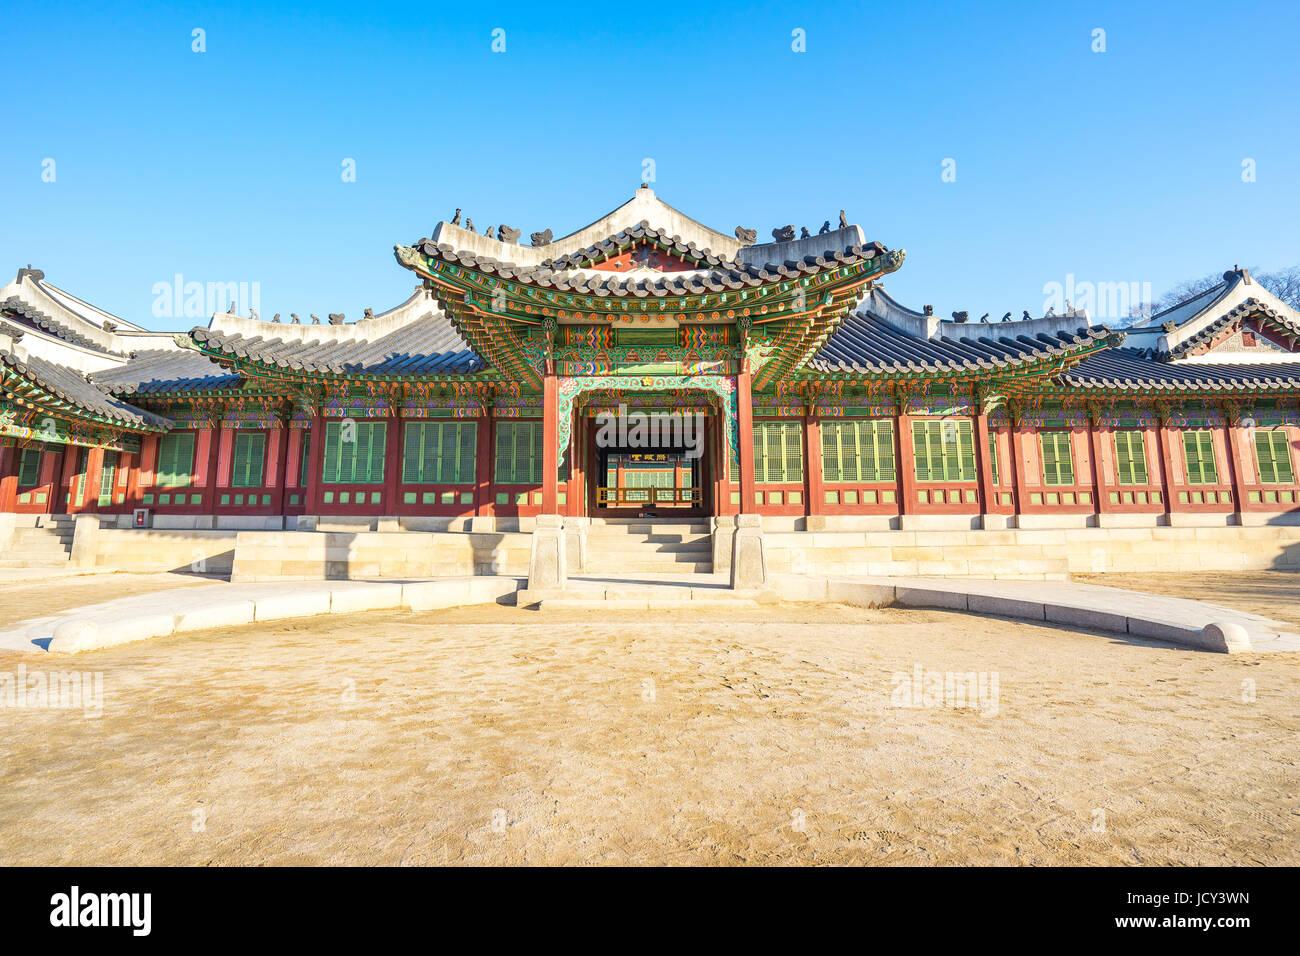 El palacio Changdeok en Seúl, Corea del Sur. Imagen De Stock